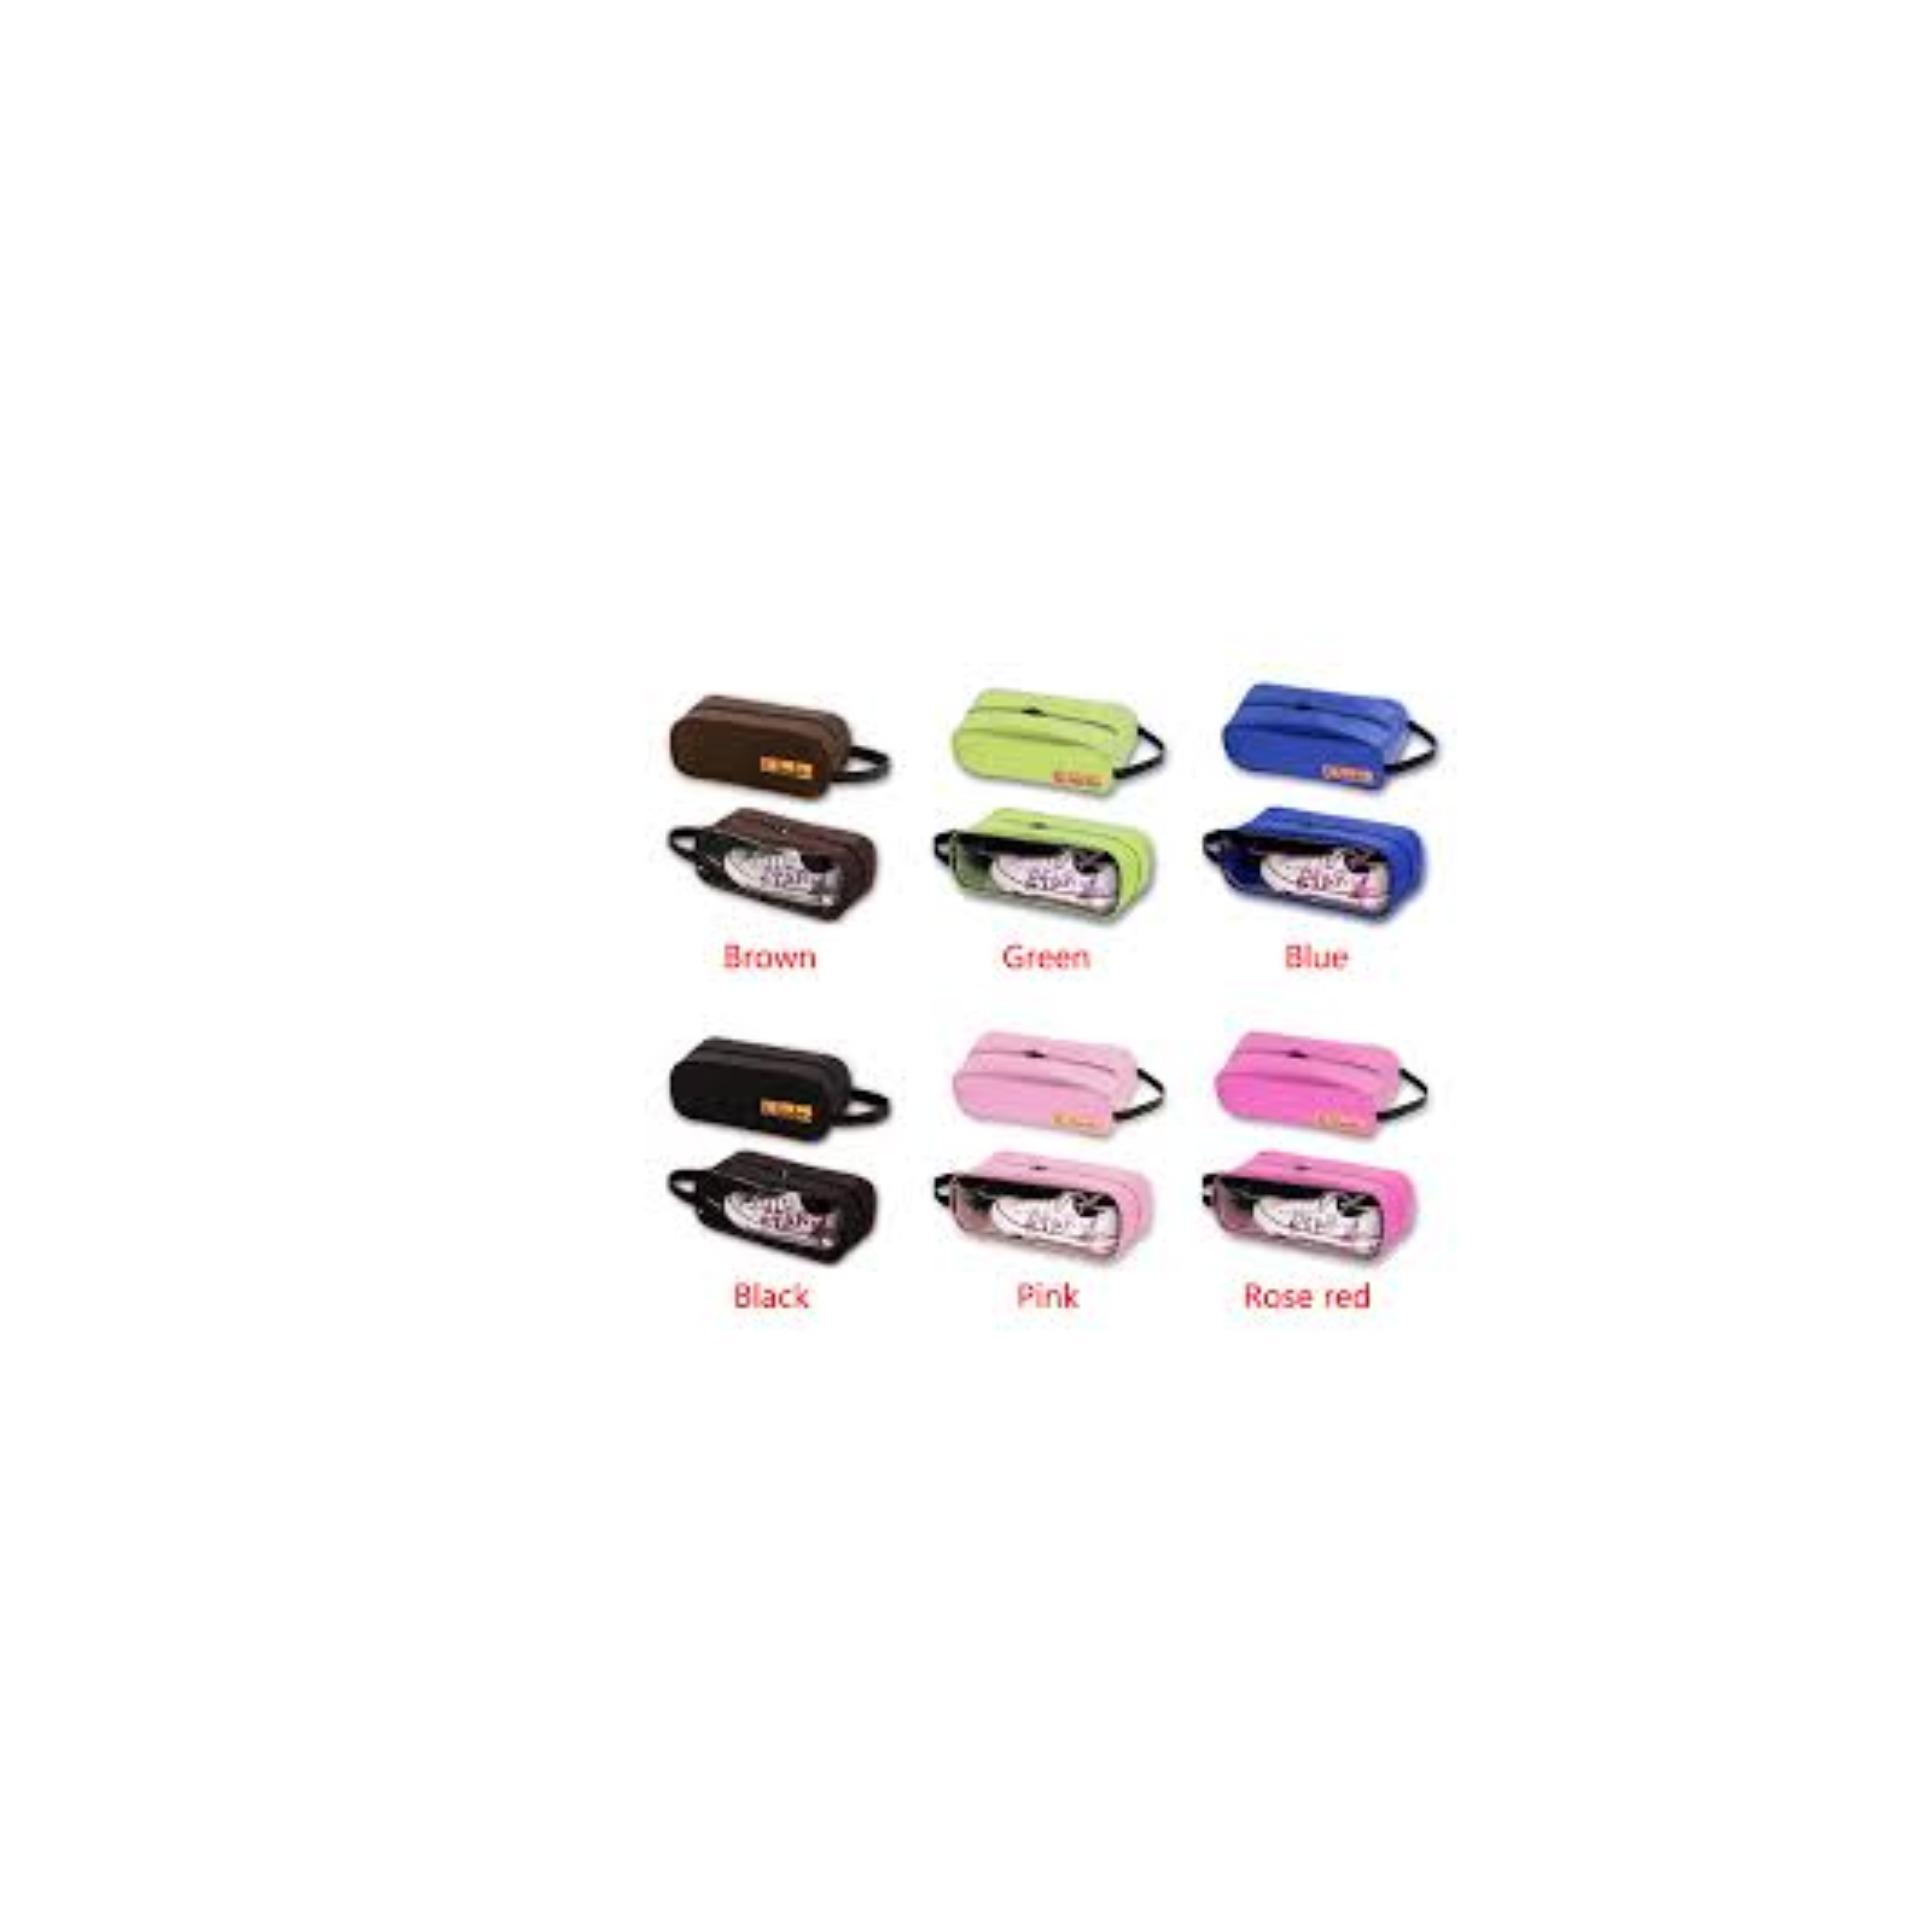 Pencarian Termurah Tas Sepatu Olahraga Fitness Gym Sport Shoes Bag Organizer - HIJAU harga penawaran - Hanya Rp41.100